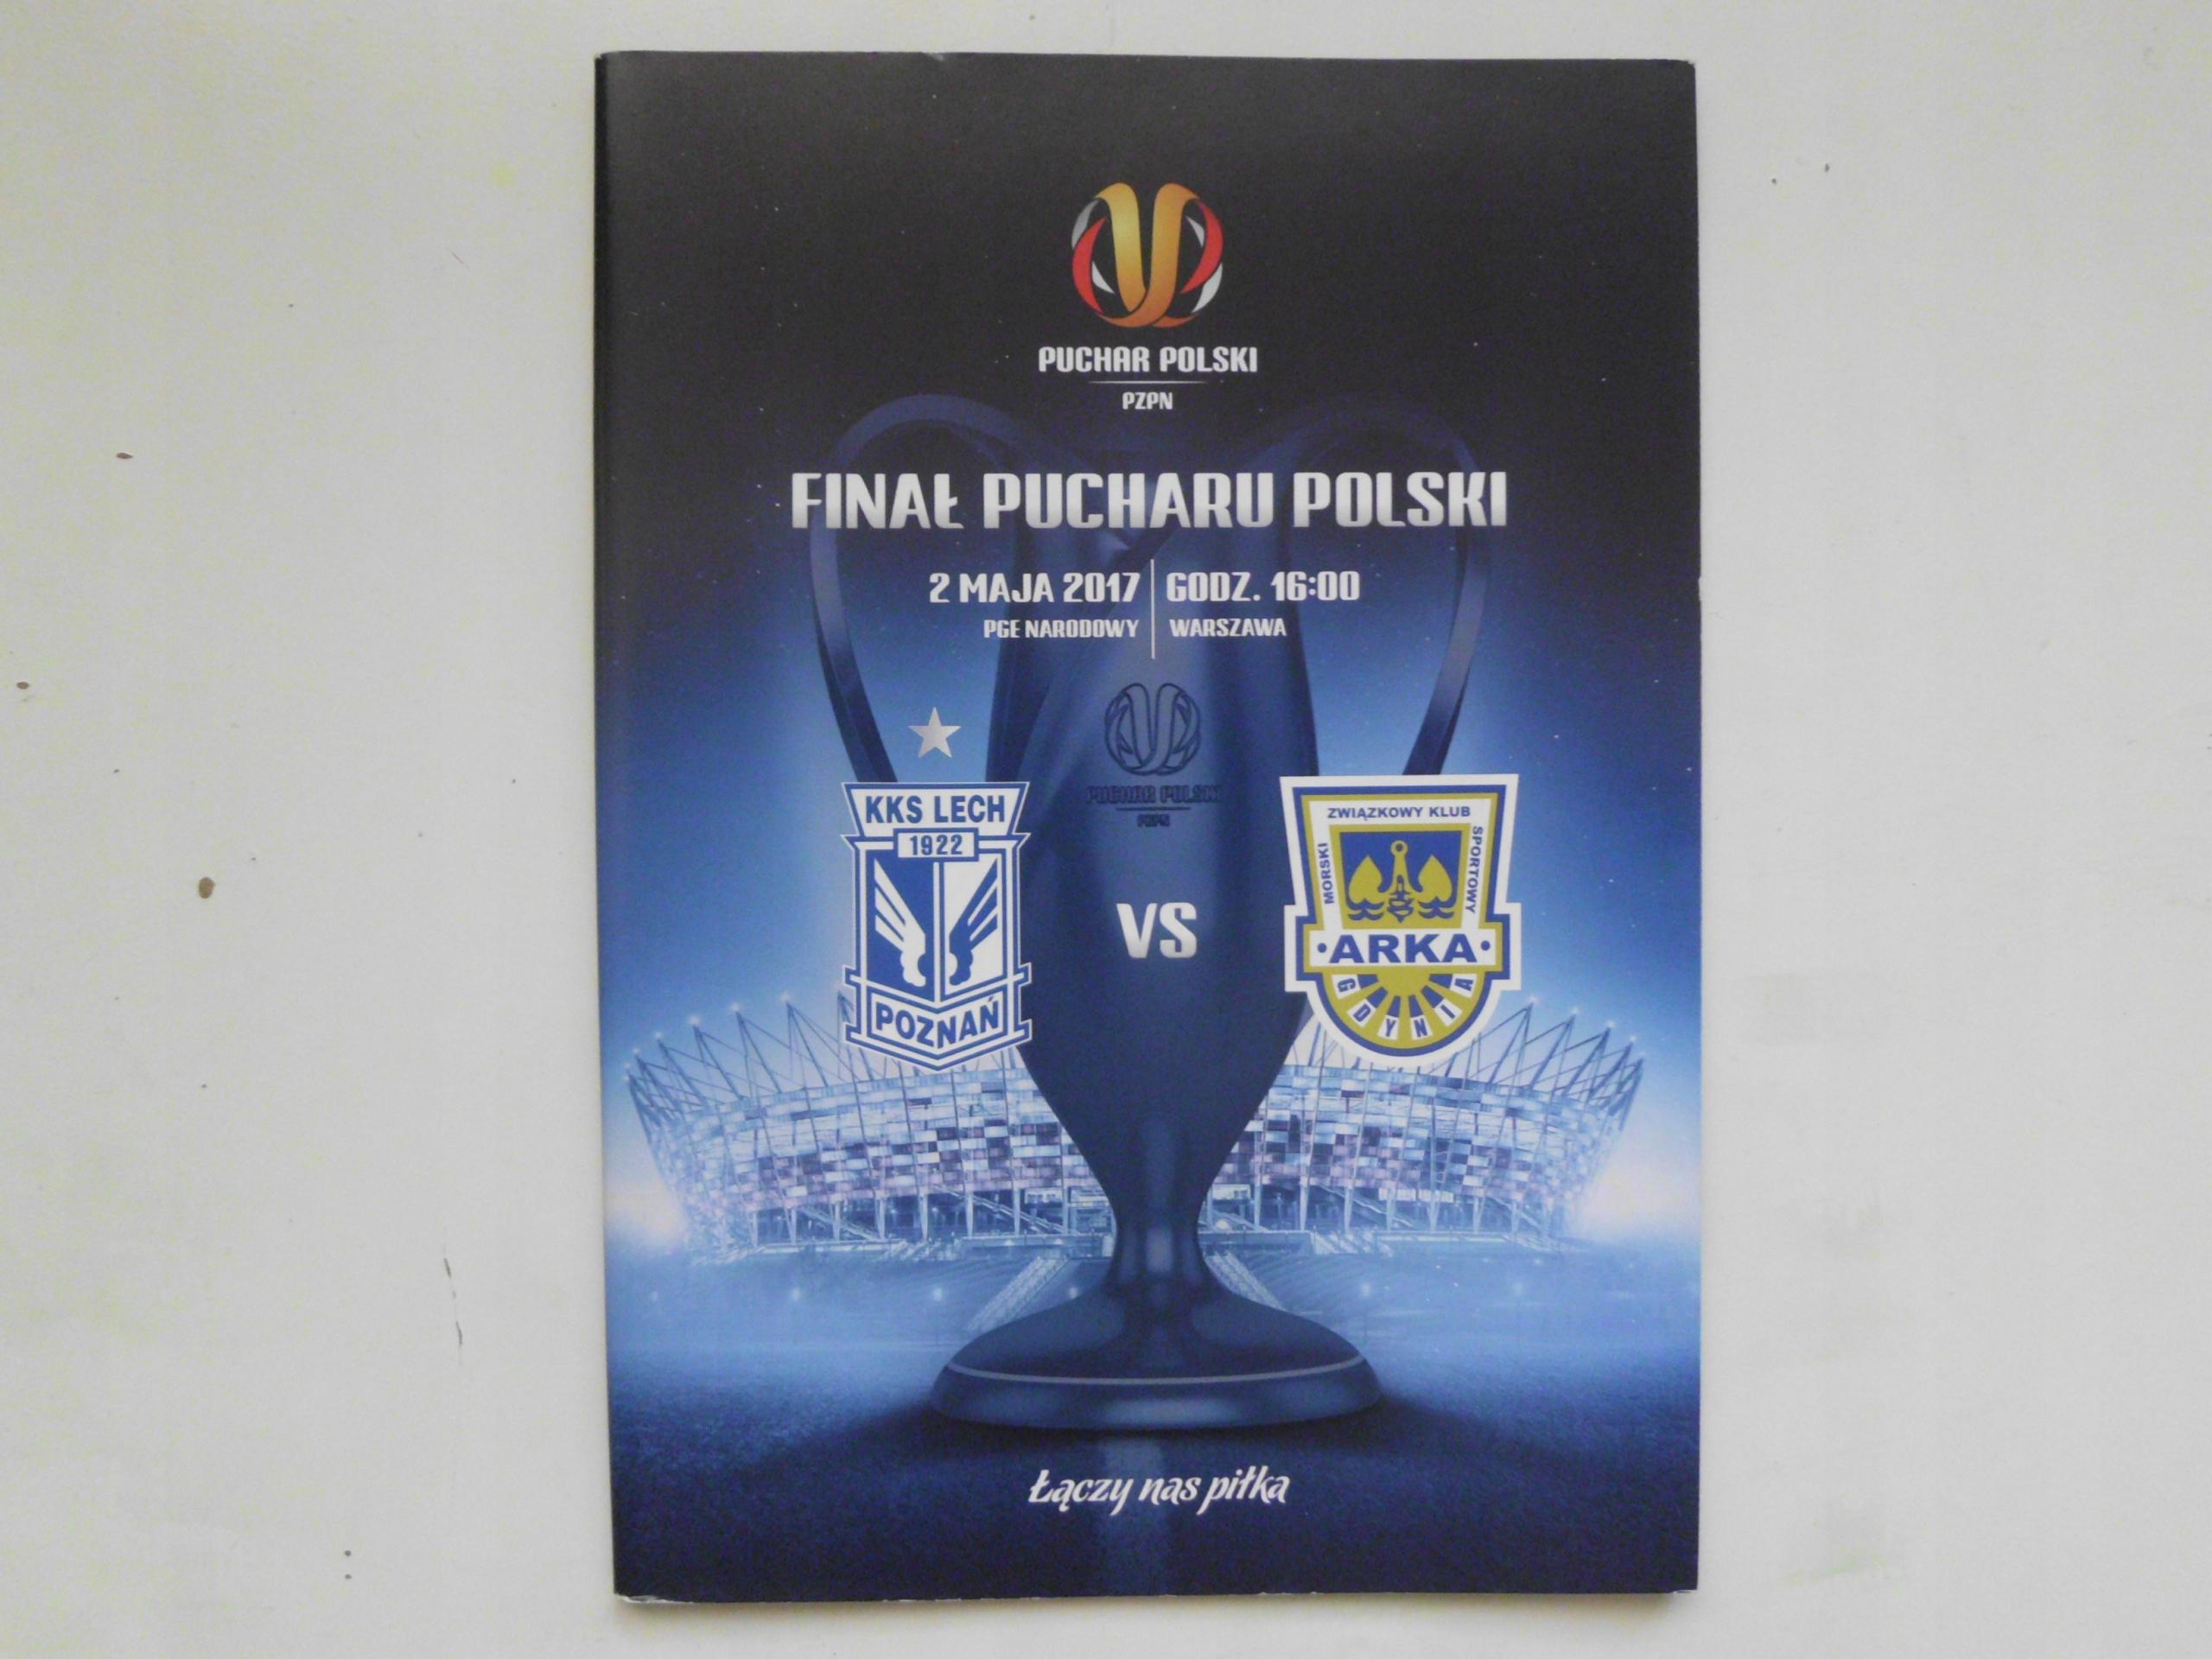 FINAŁ PUCHARU POLSKI LECH-ARKA 02.05.2017 WARSZAWA